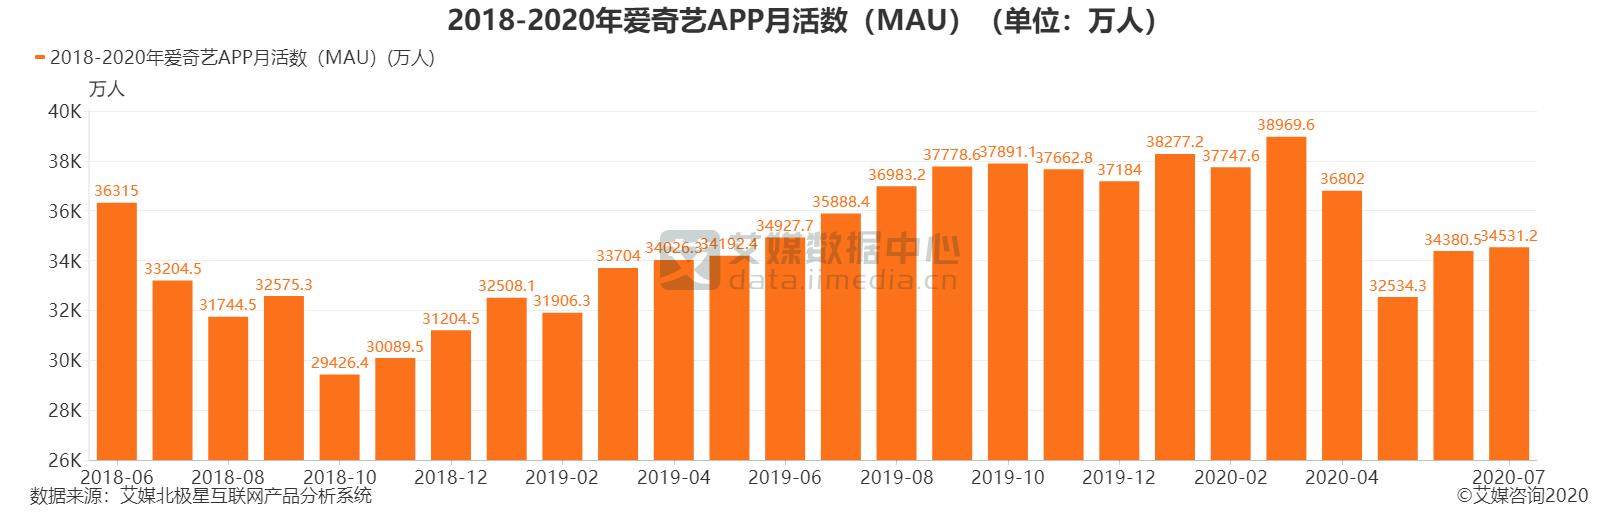 2018-2020年爱奇艺APP月活数(MAU)(单位:万人)